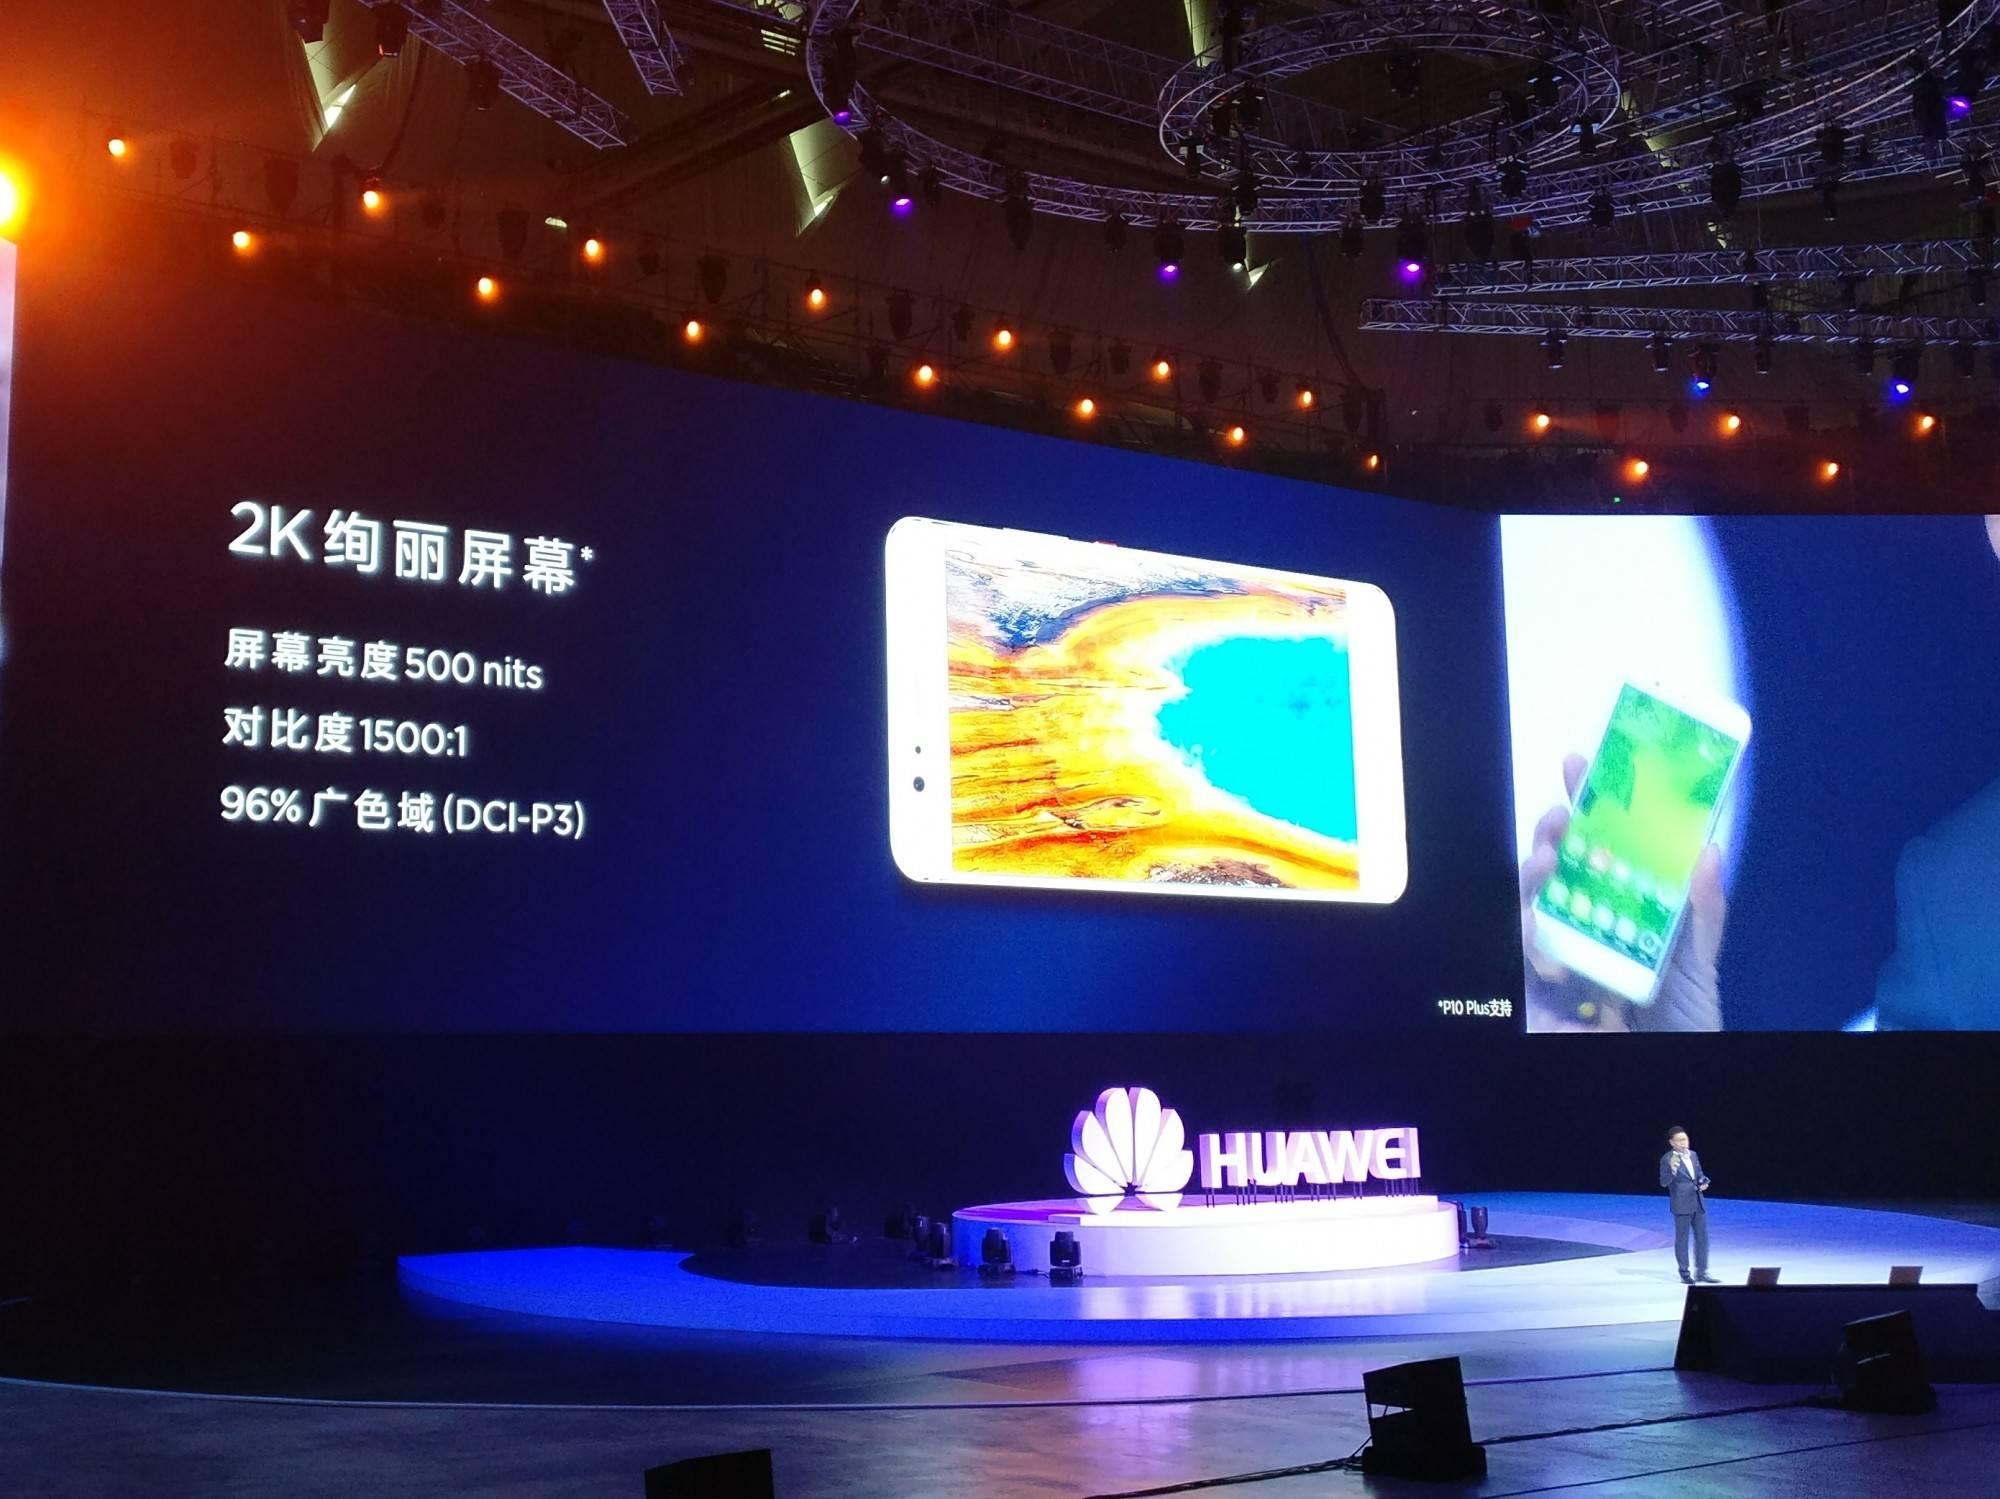 huawei P10 display gamut